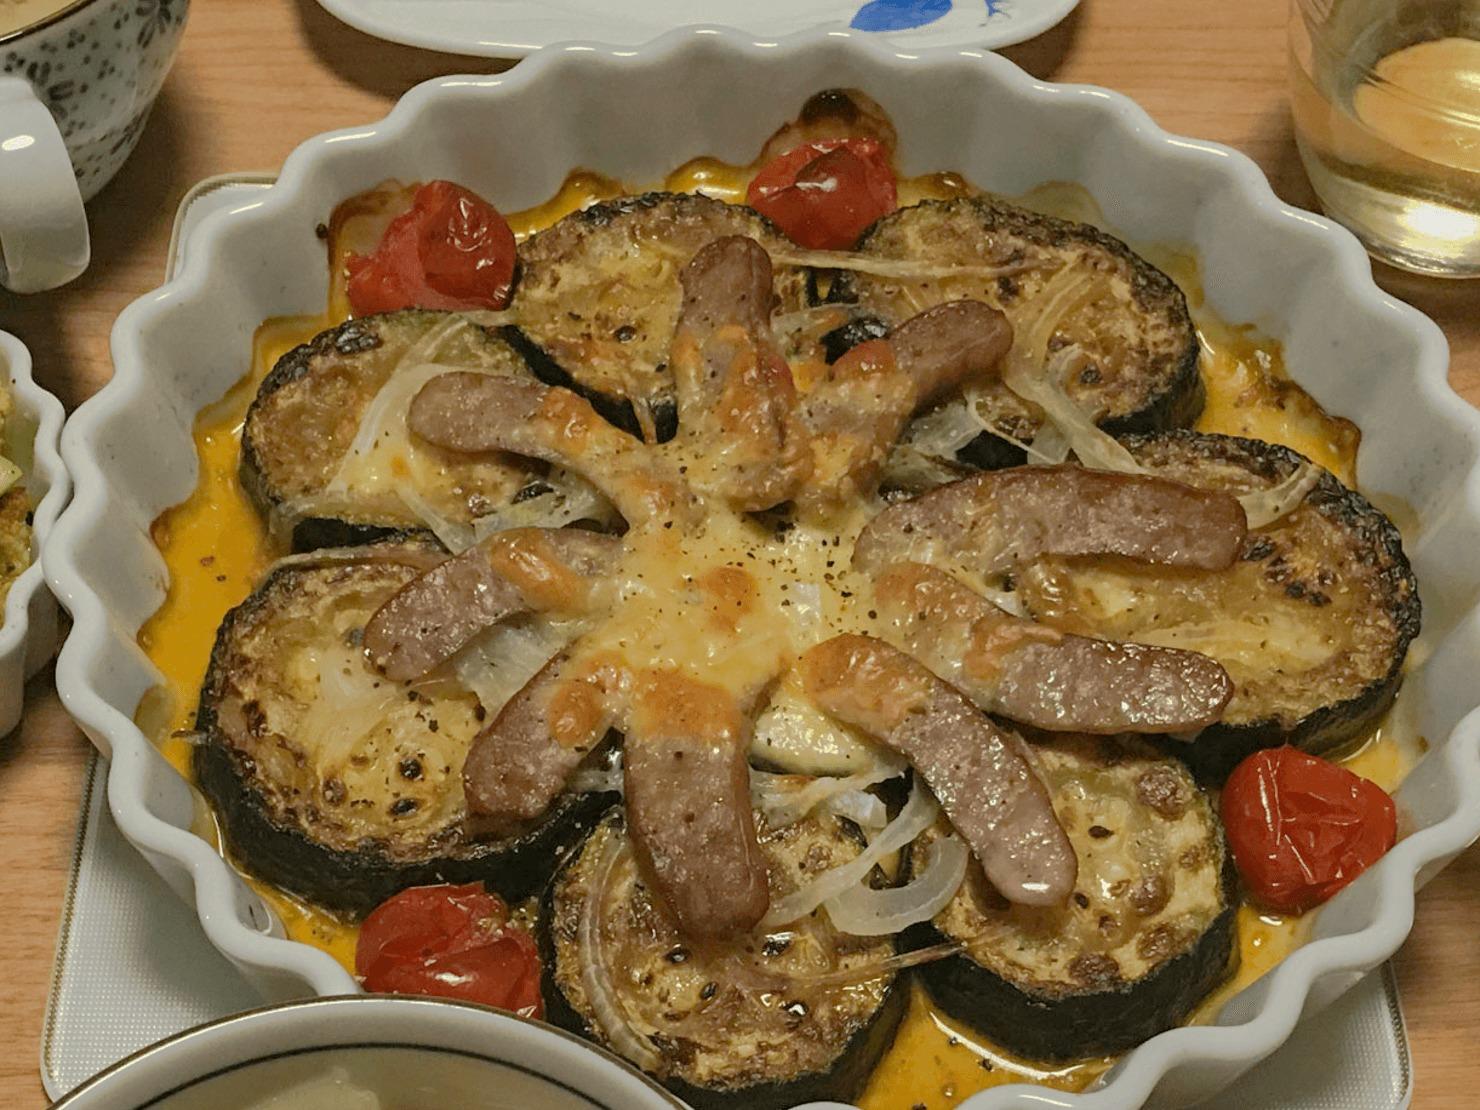 ズッキーニのピザ風オーブン焼の写真